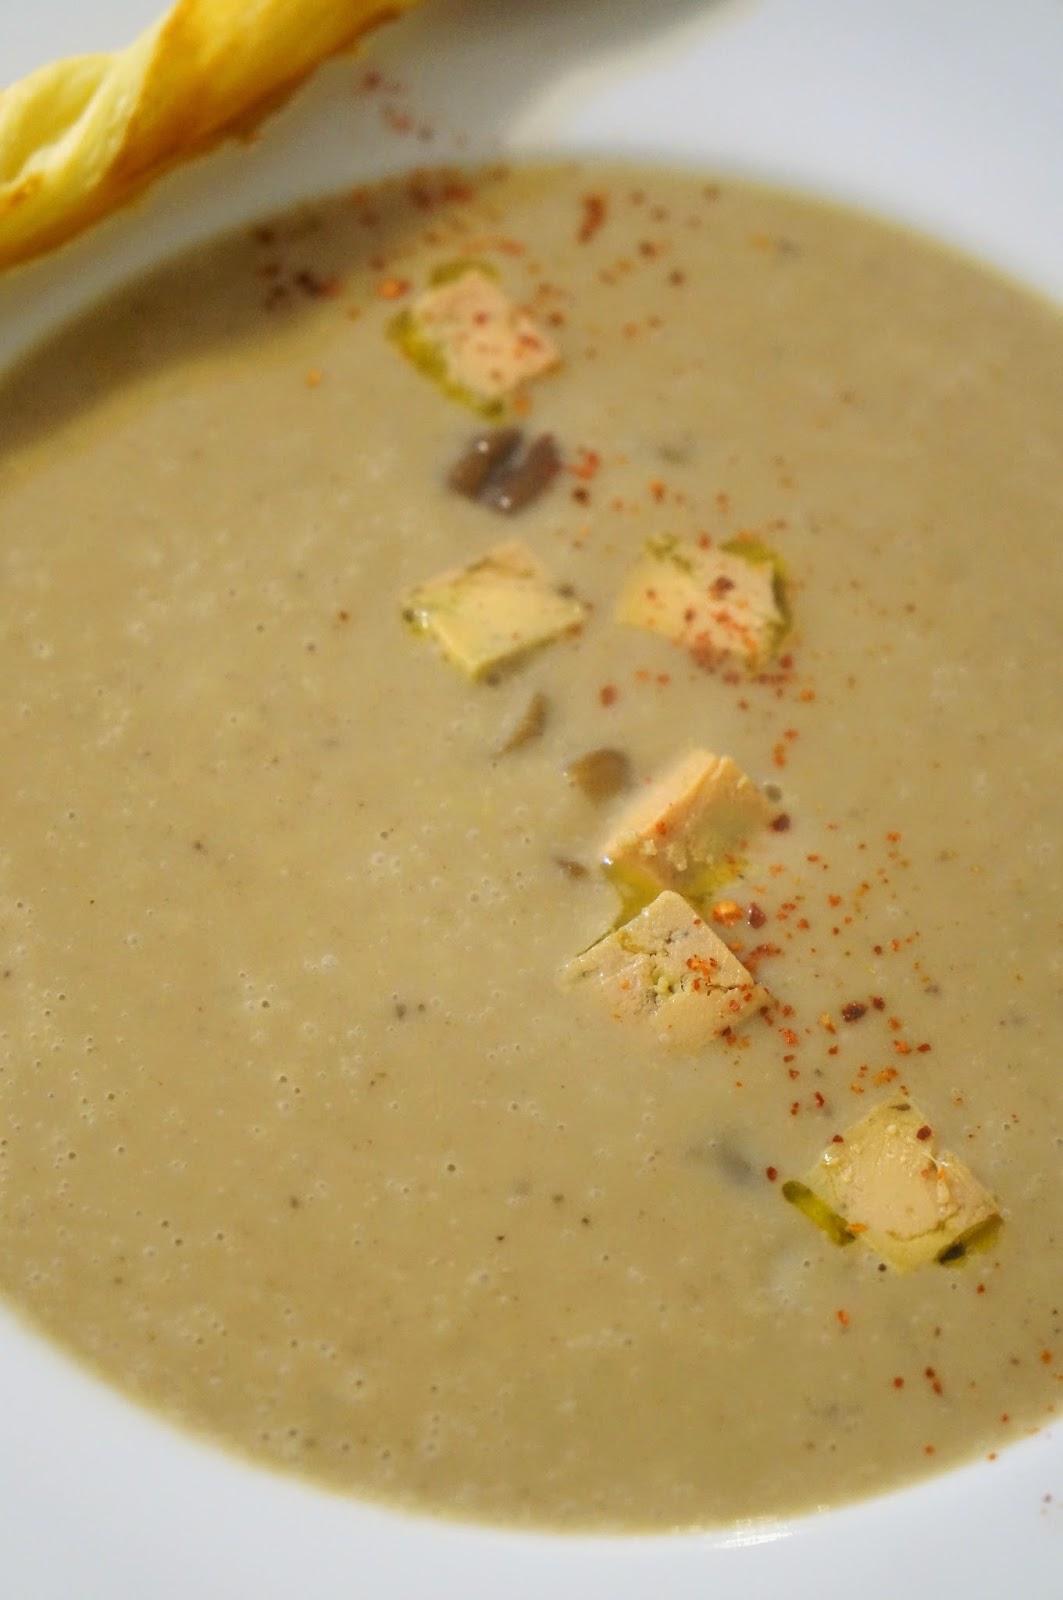 The cook time velout de ch taignes et foie gras maison for Cuisson foie gras bain marie casserole